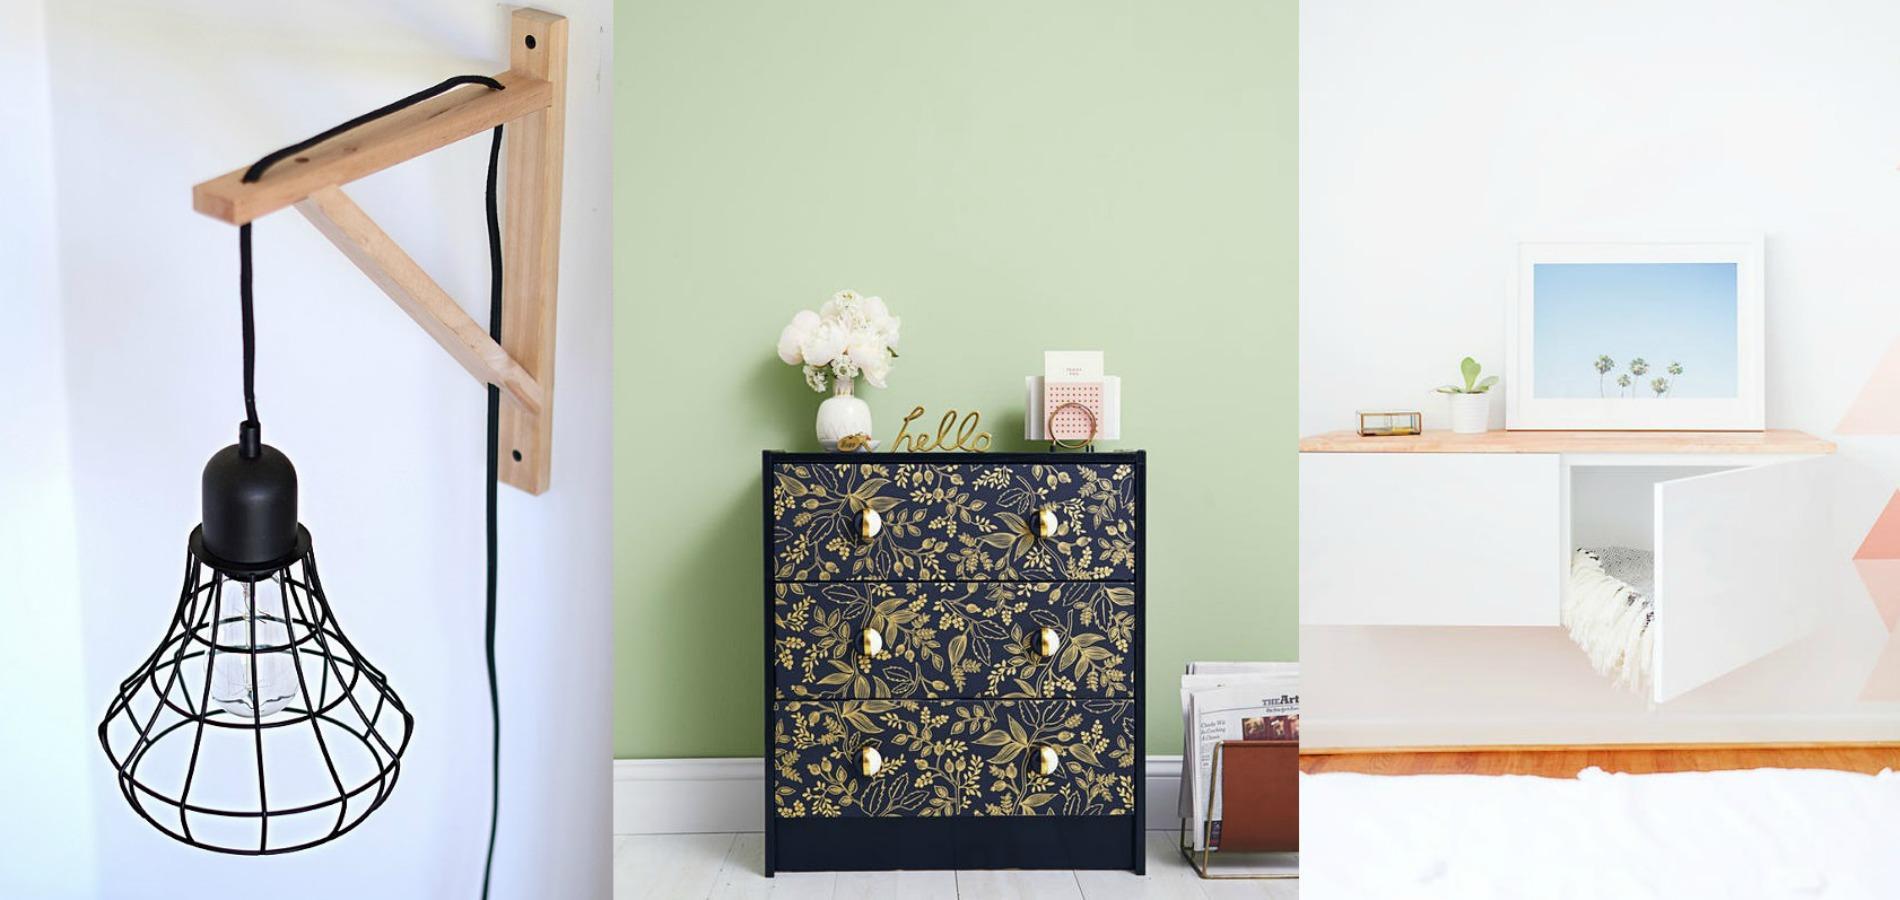 Comment Customiser Une Lampe De Chevet top 5 des bidouilles ikea les plus réalisées - madame figaro